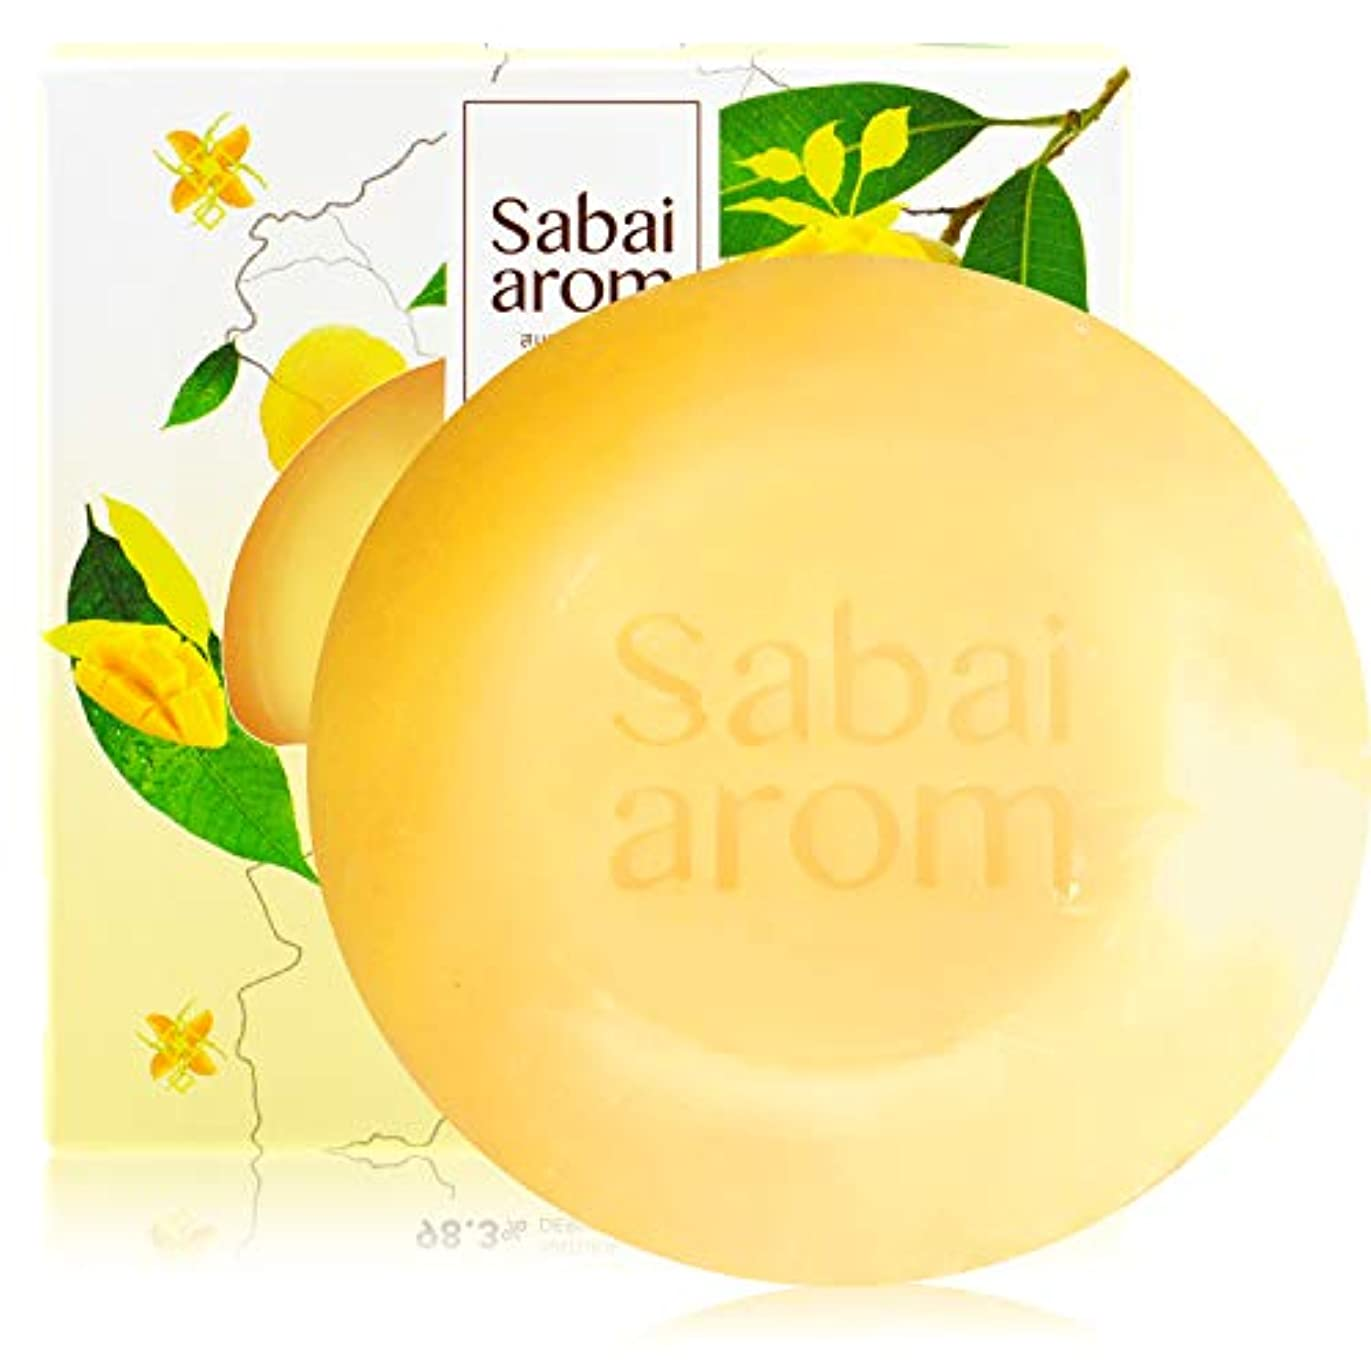 ストレスの多いカウンターパート同様にサバイアロム(Sabai-arom) マンゴー オーチャード フェイス&ボディソープバー (石鹸) 100g【MAN】【001】